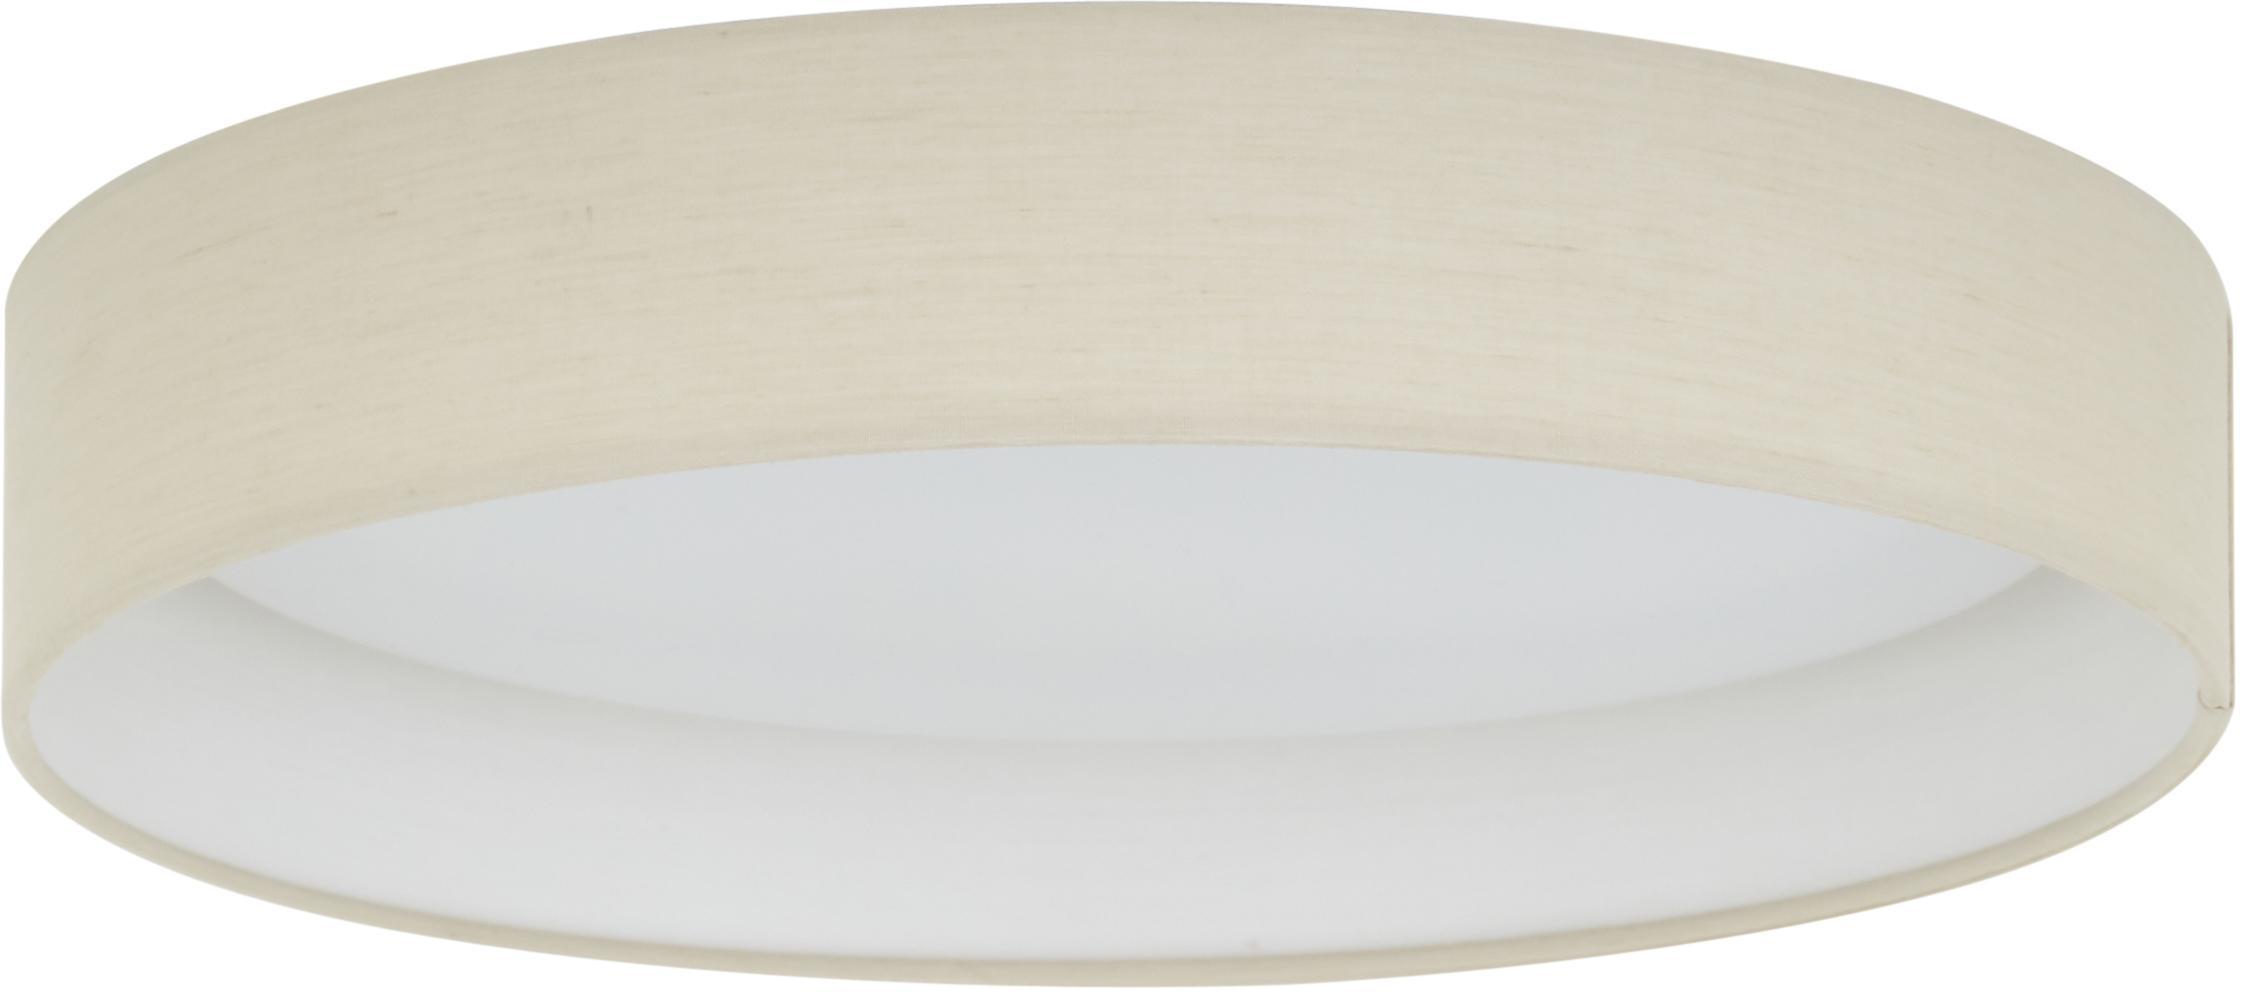 LED-Deckenleuchte Helen, Rahmen: Metall, Diffusorscheibe: Kunststoff, Taupe, Ø 35 x H 7 cm